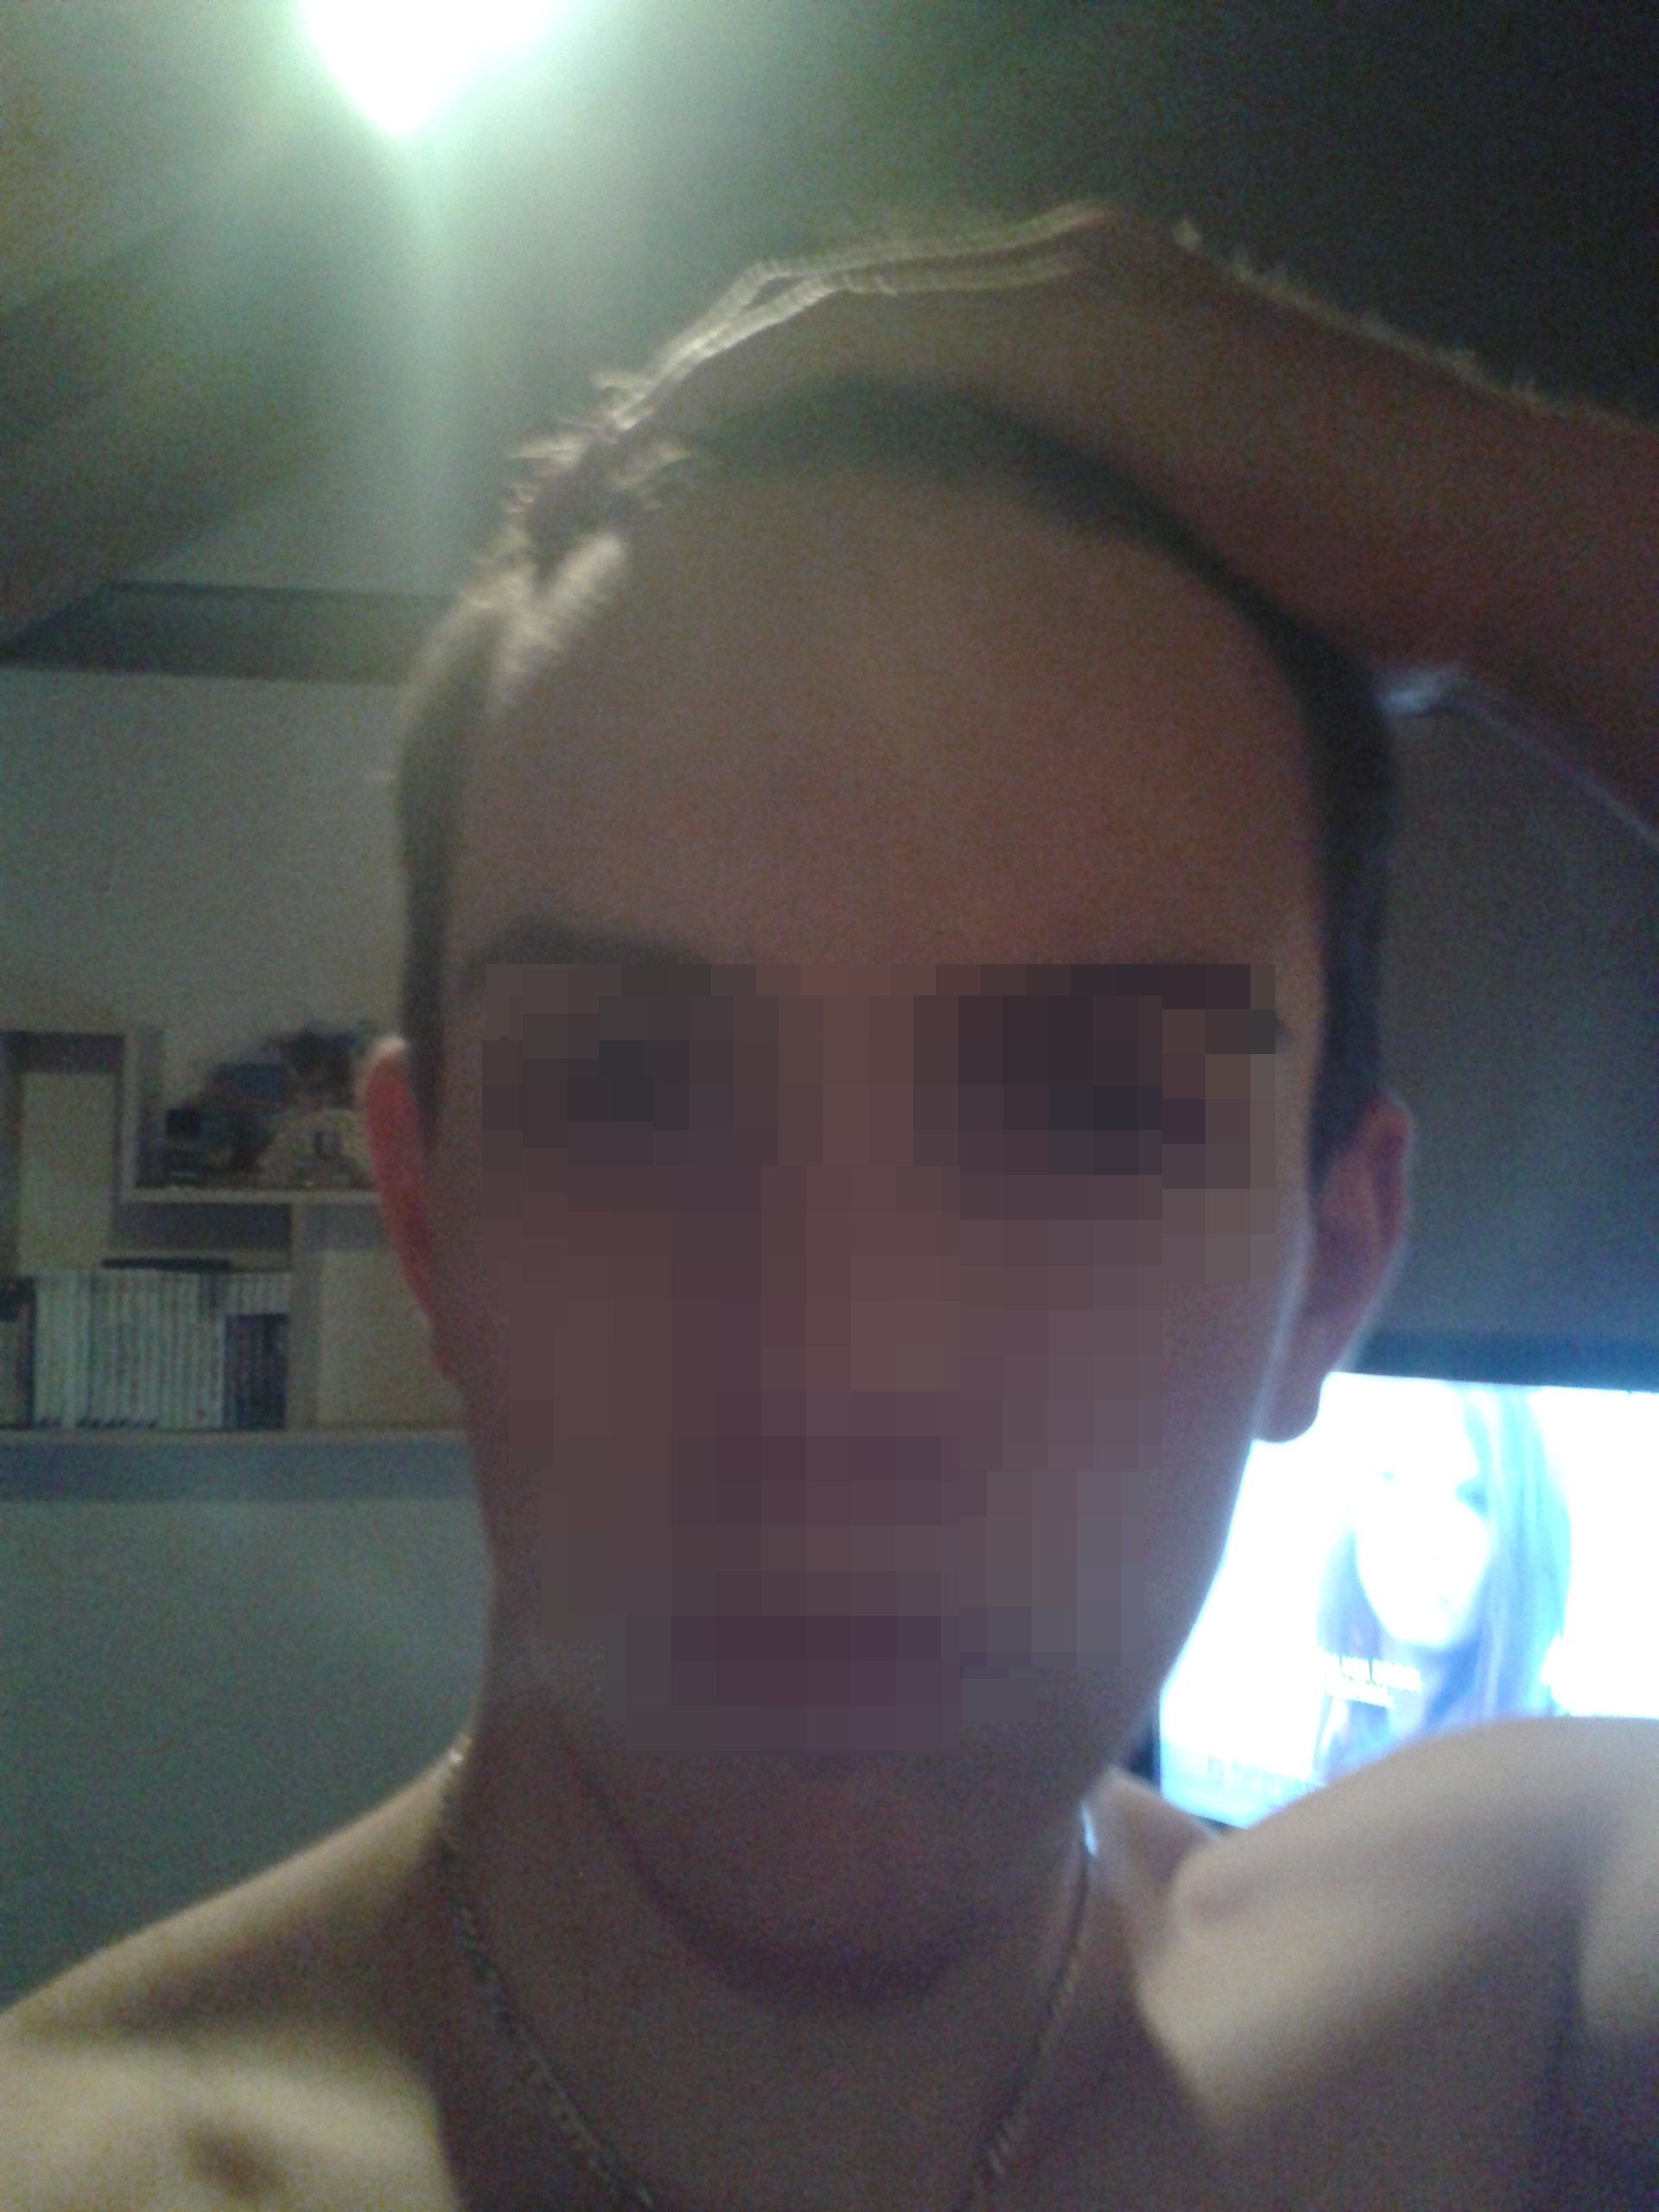 Frisuren geheimratsecken hohe stirn